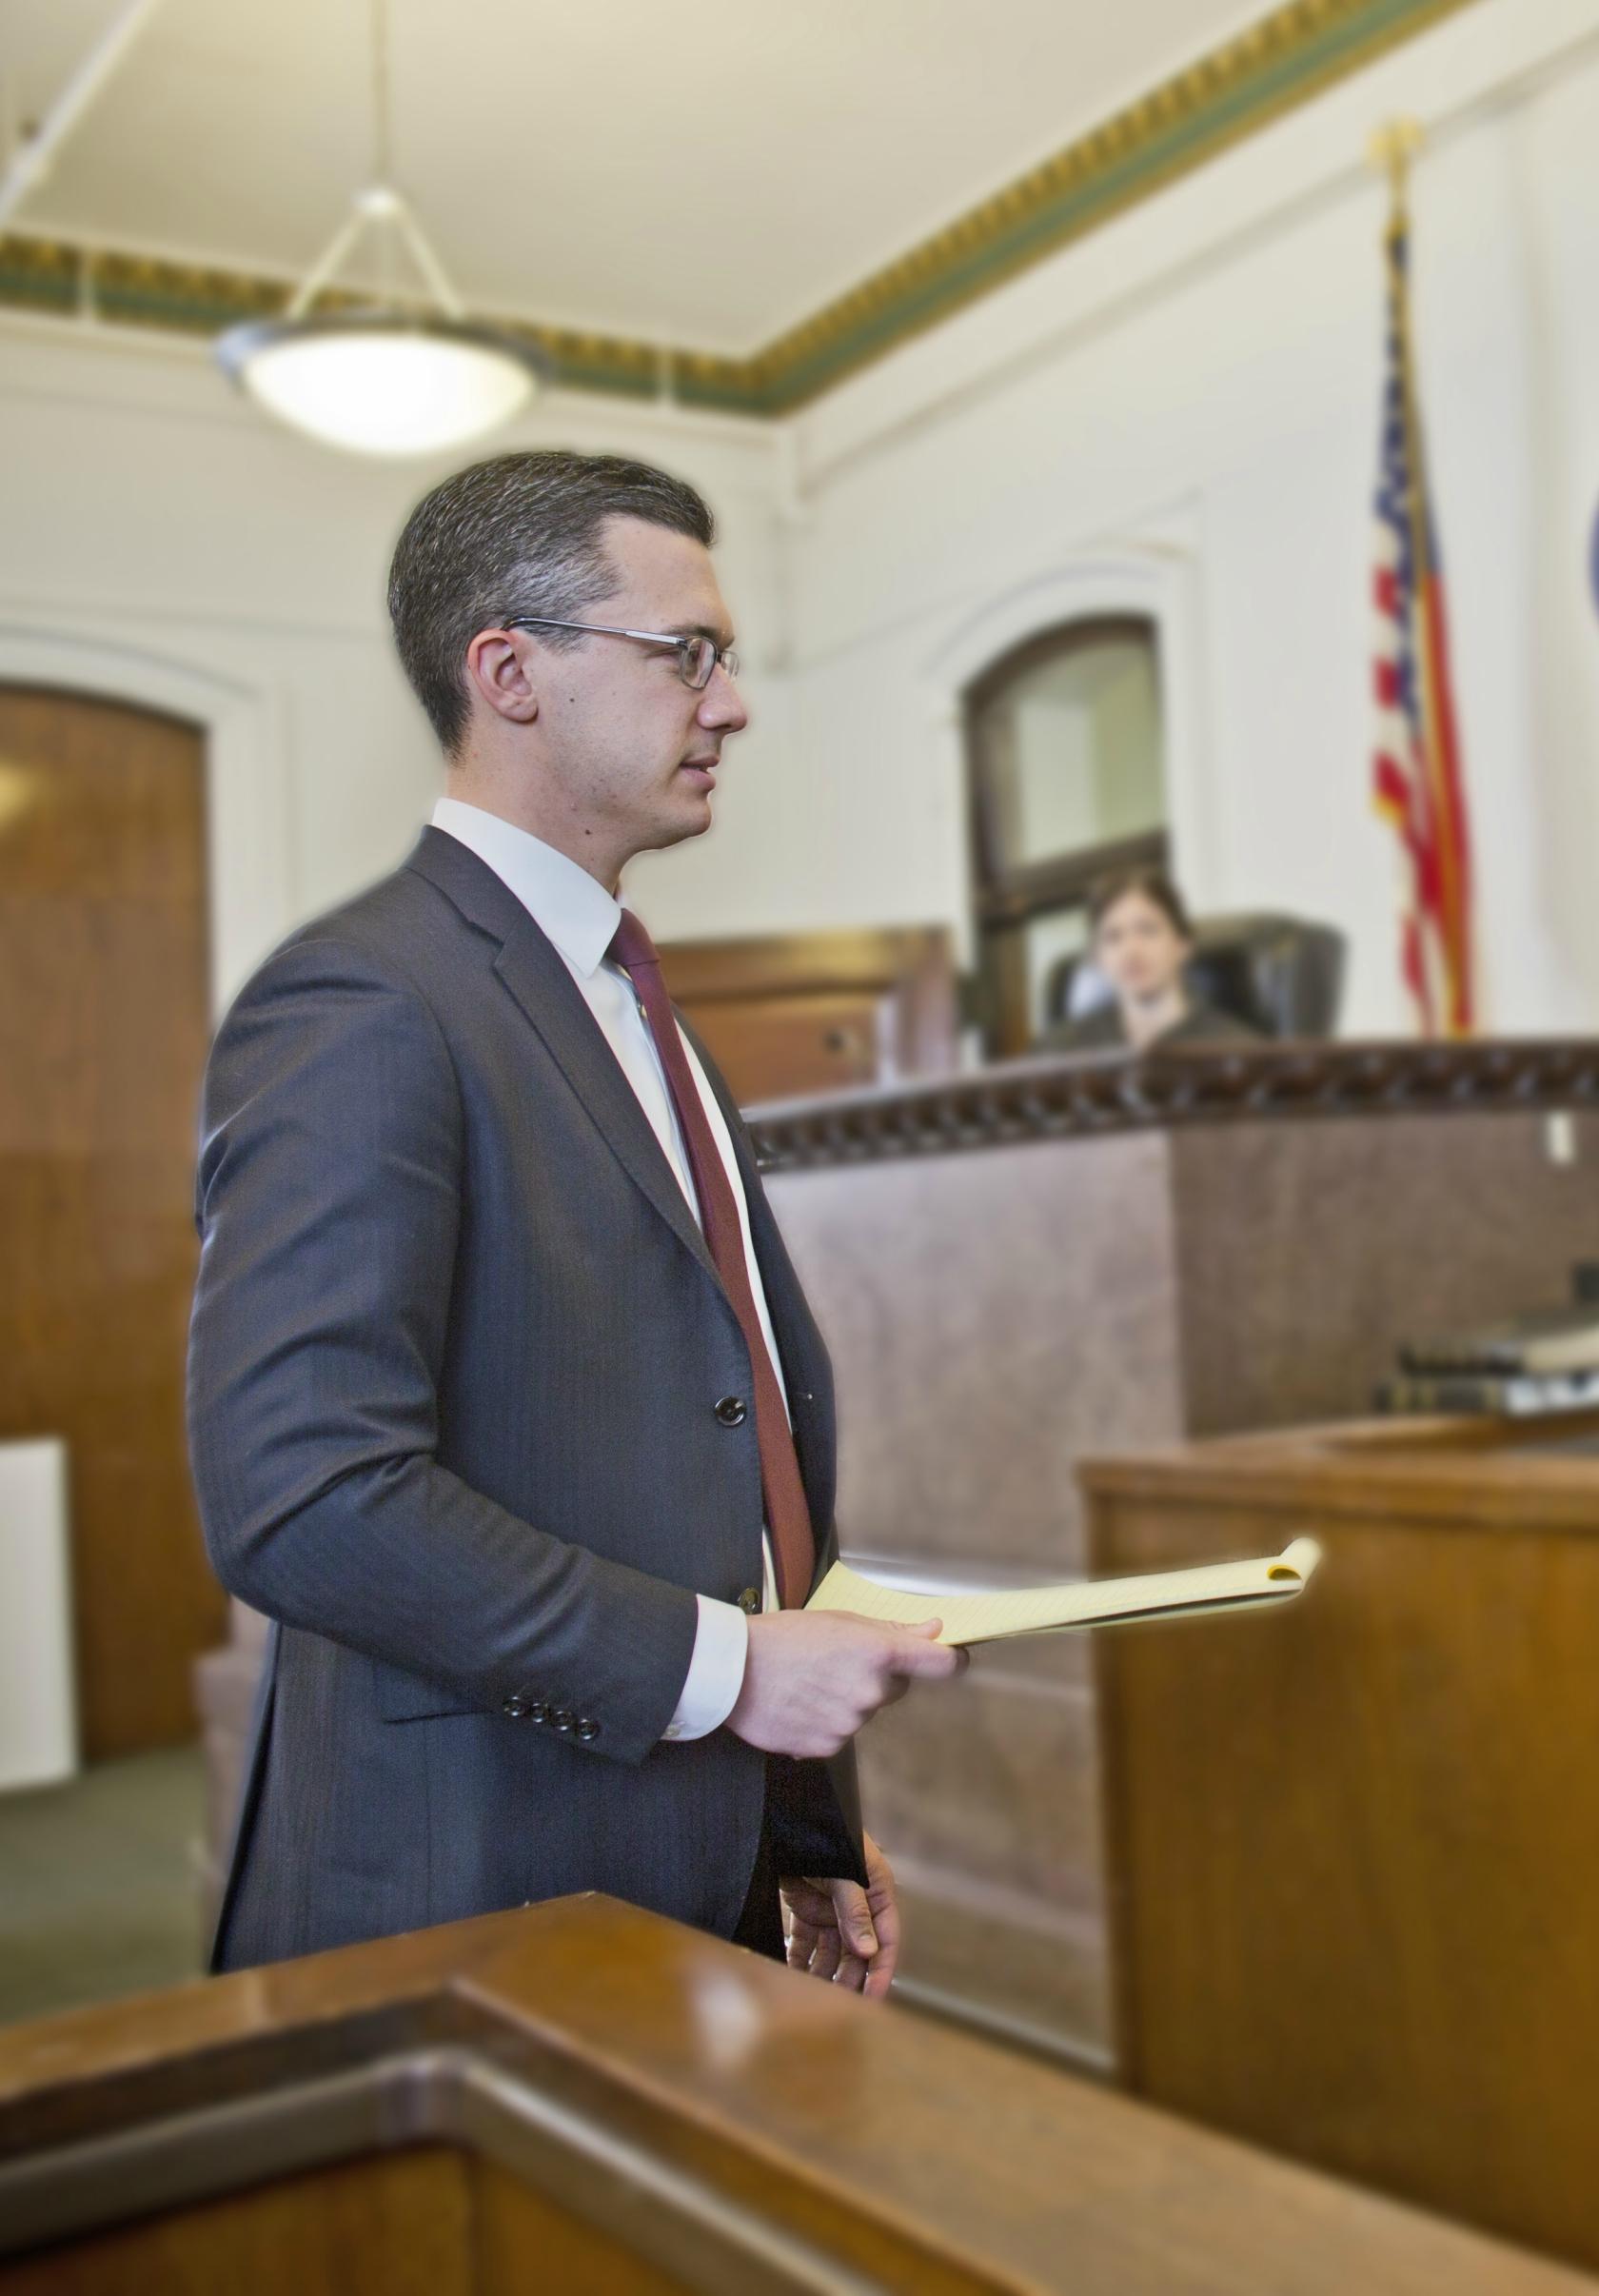 Zak Goldstein Criminal Defense Lawyer